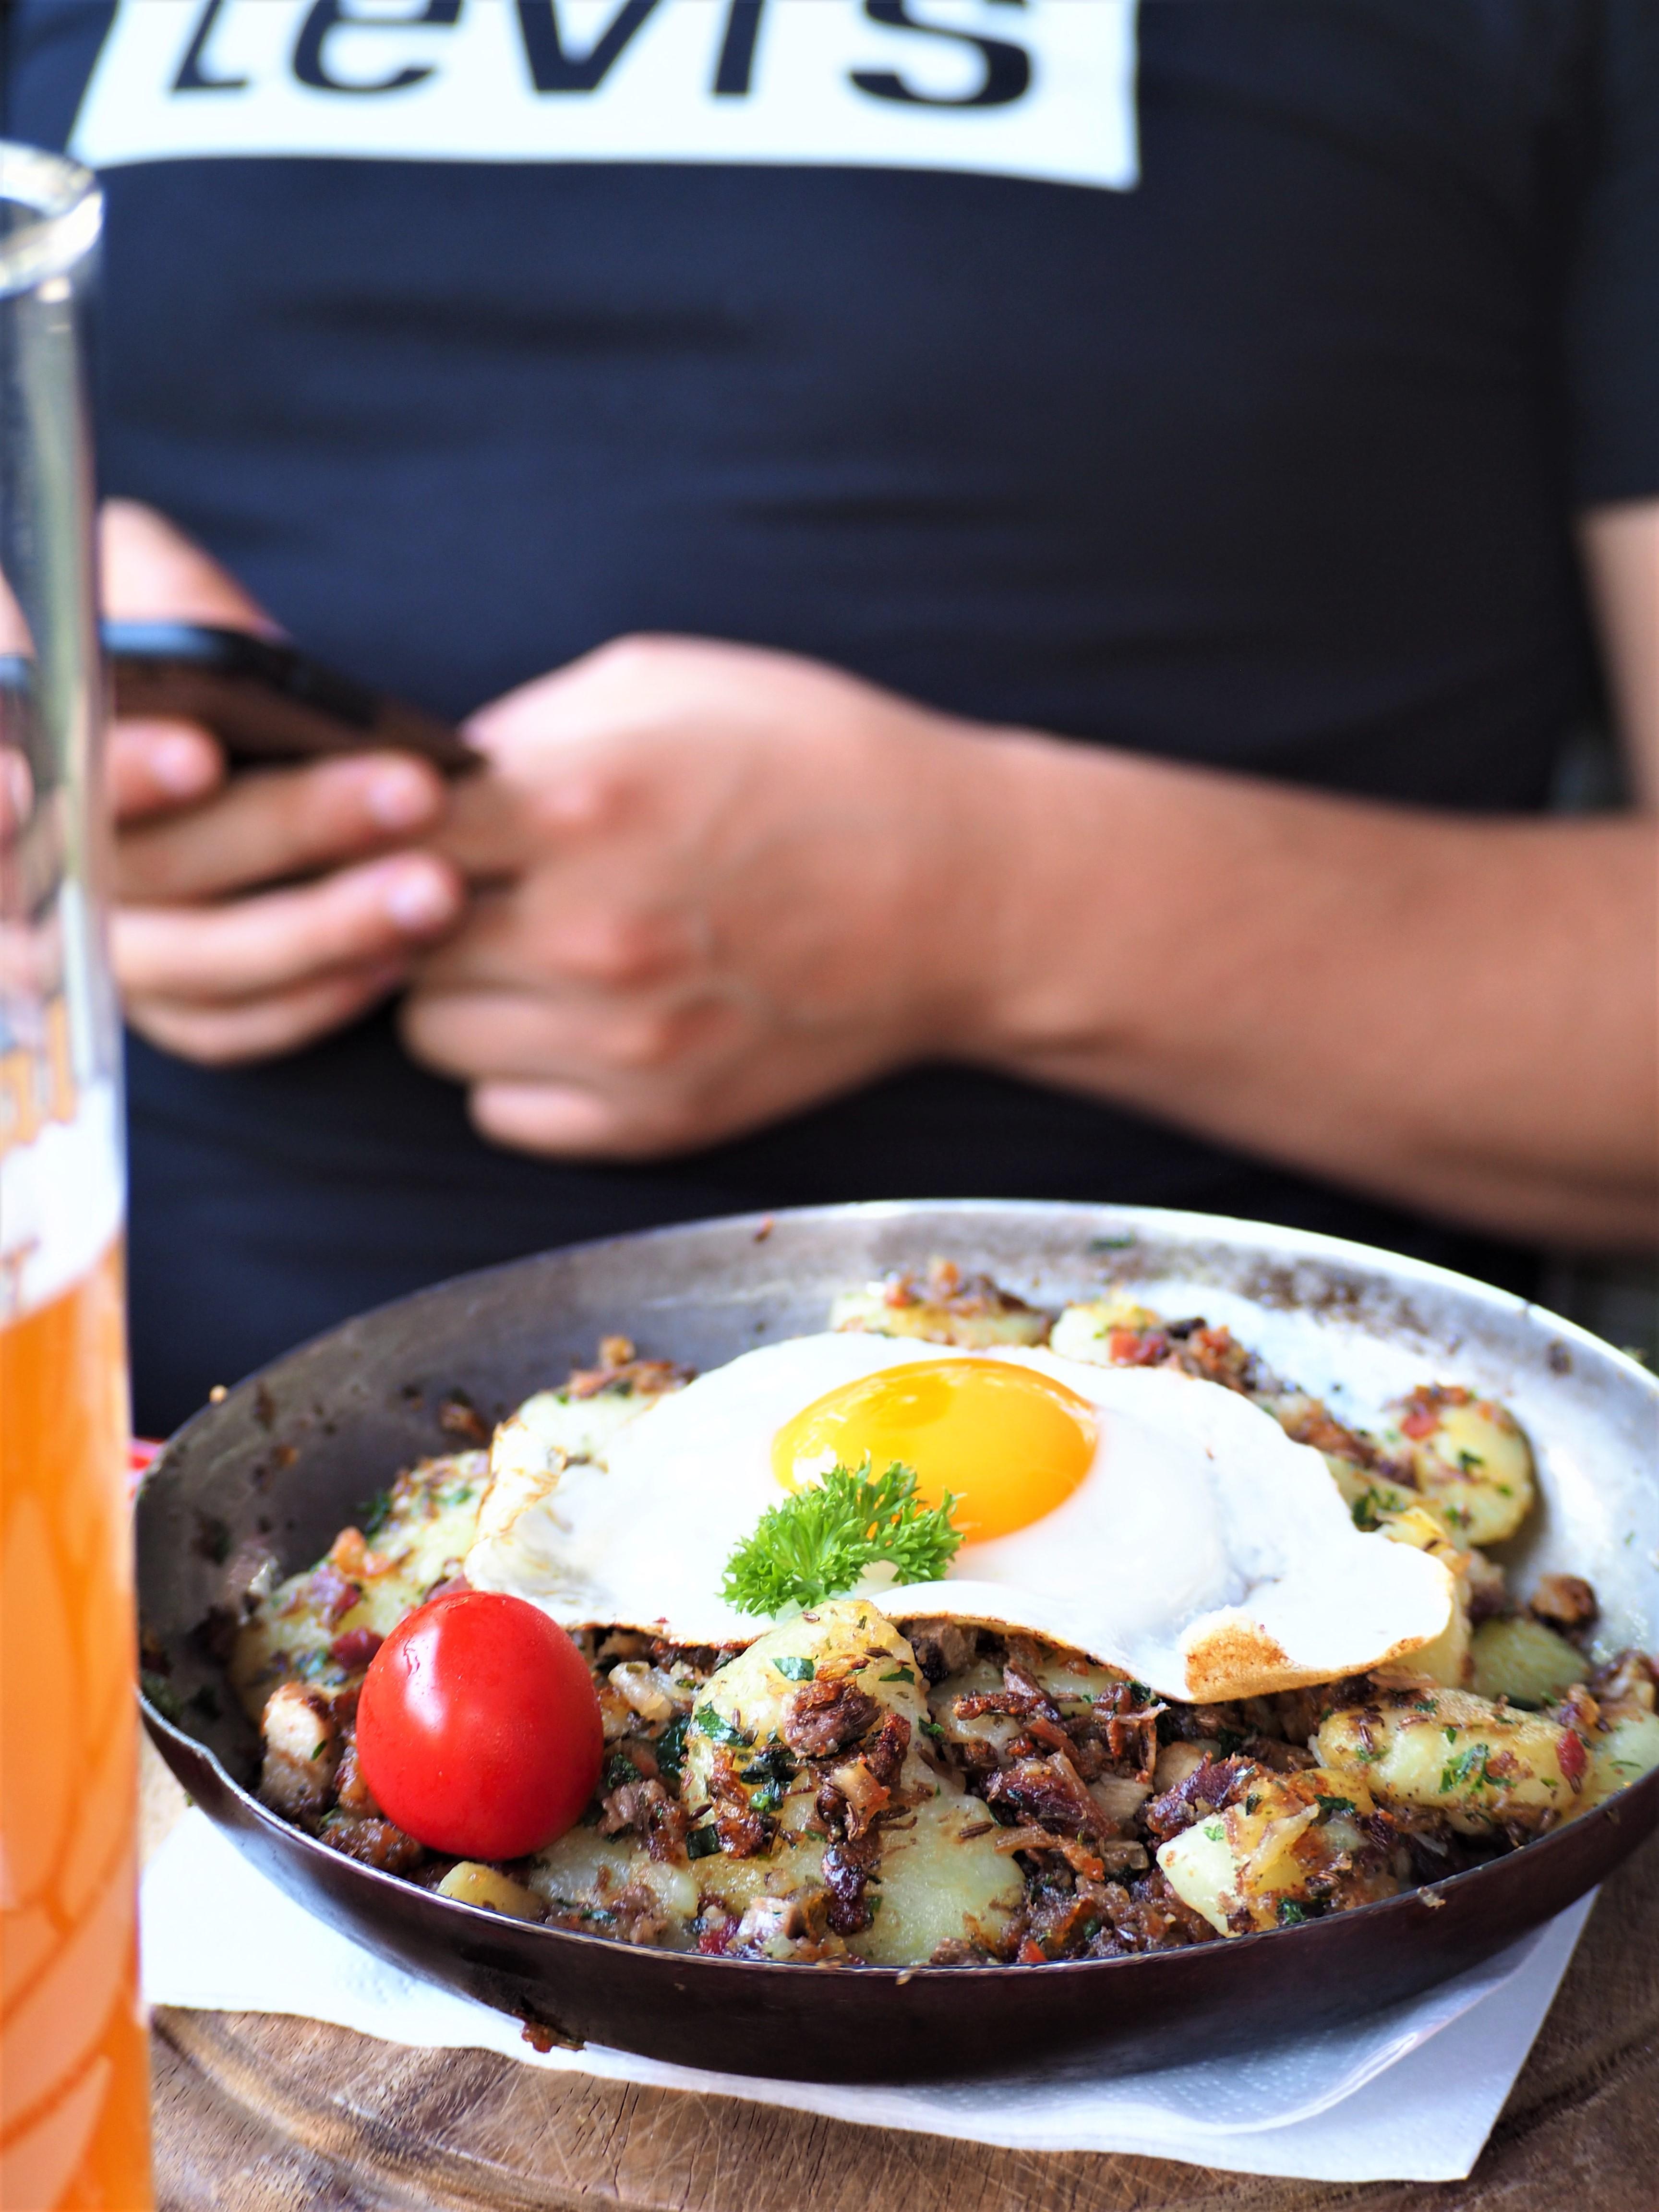 specilite-autrichienne-Kaspressknodel-et-autre-plats-sur-le-blog